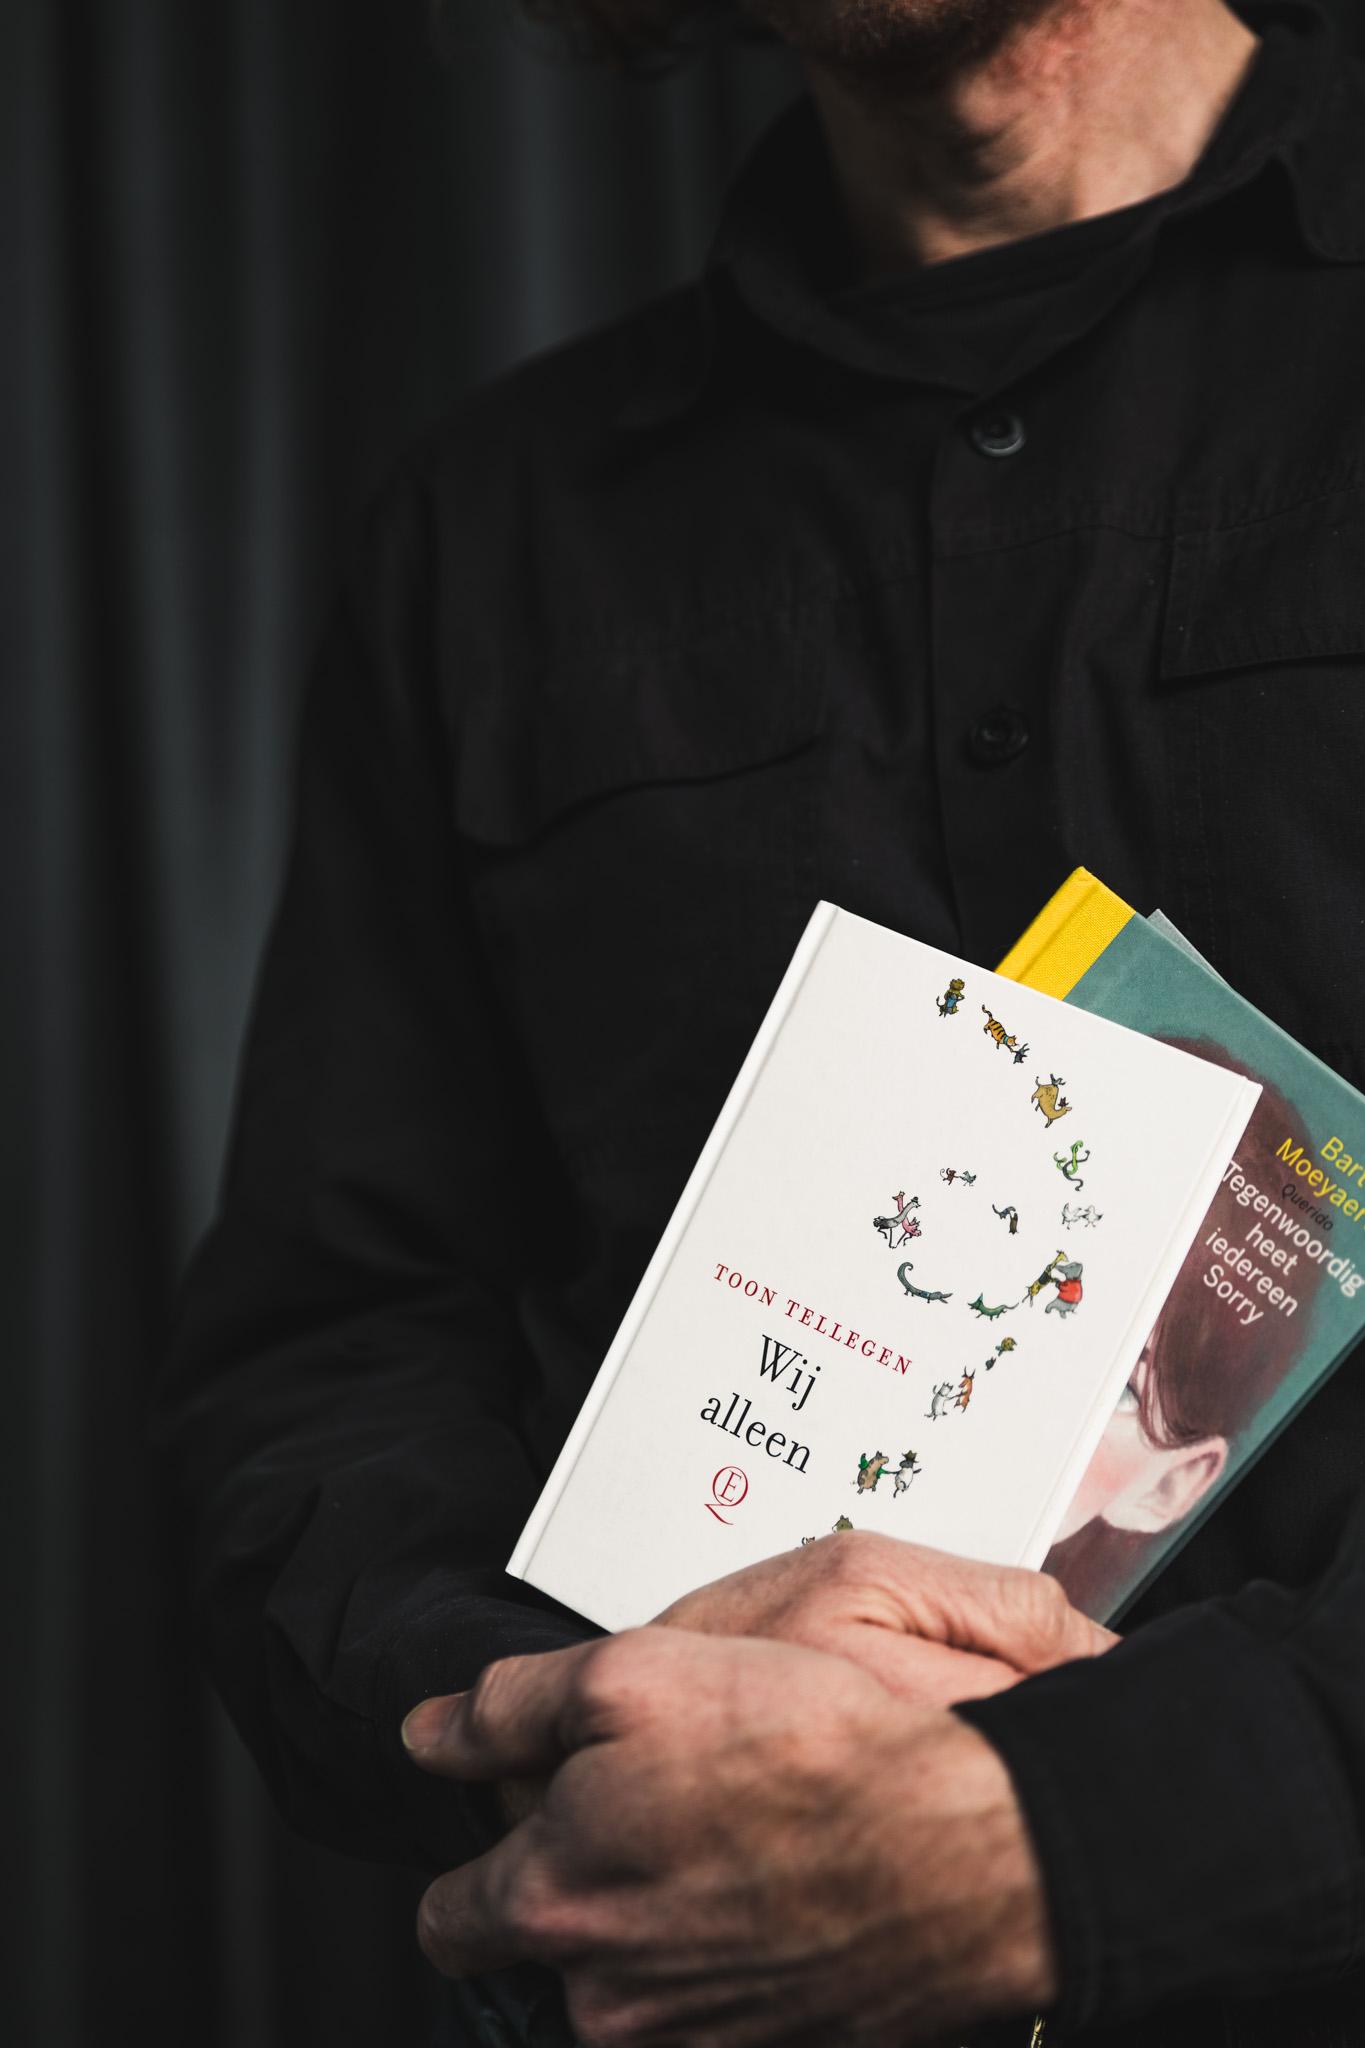 Hendrik Vos, niet met gezicht in beeld, houdt twee jeugdboeken vast: Wij Alleen van Toon Tellegen en Tegenwoordig heet iedereen Sorry van Bart Moeyaert